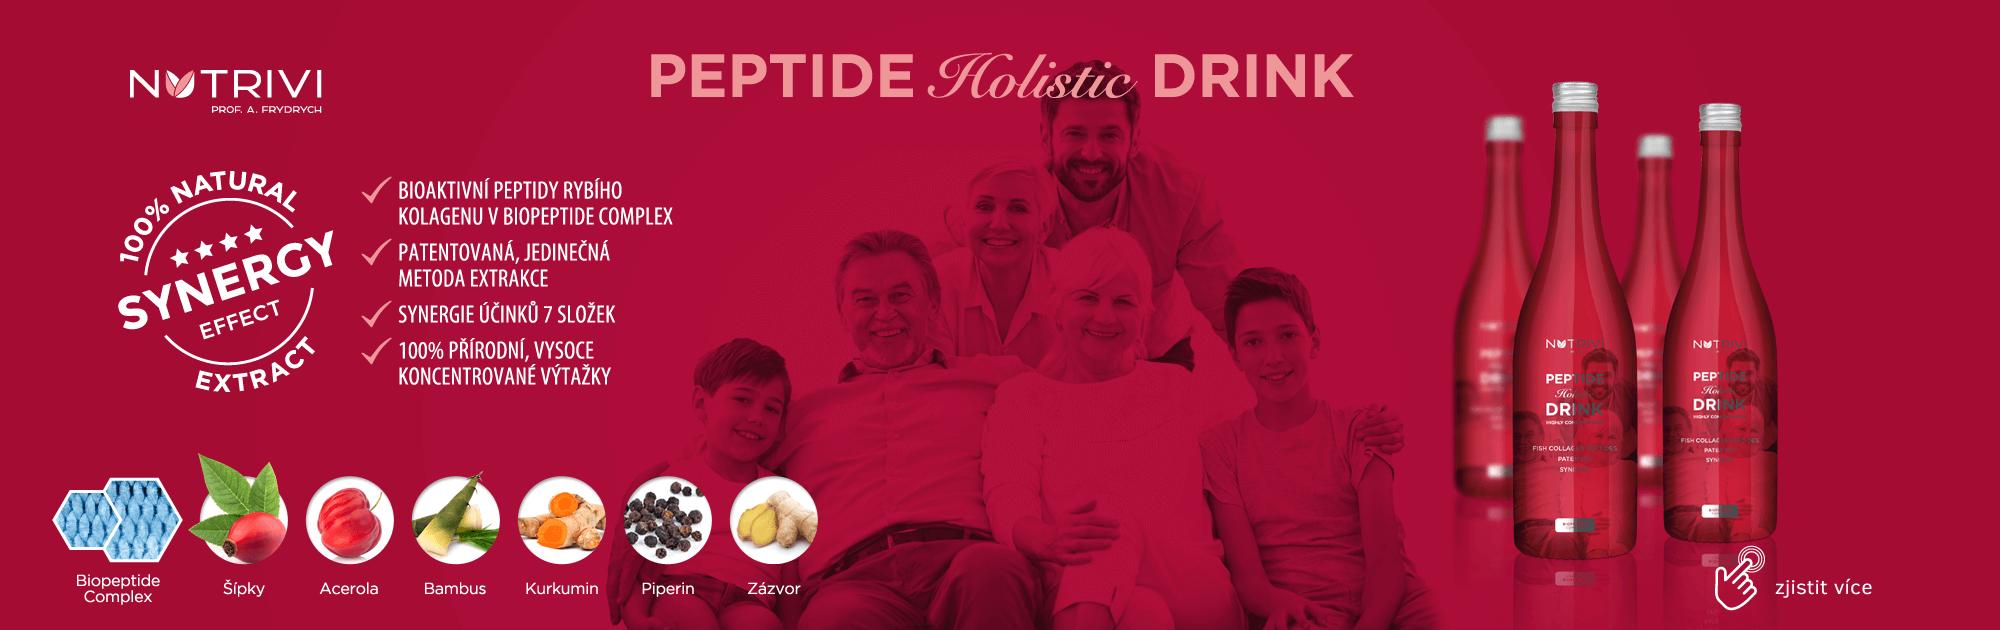 Holistická podpora zdraví pro celou rodinu v podobě nápoje. Nutrivi Peptide Drink.